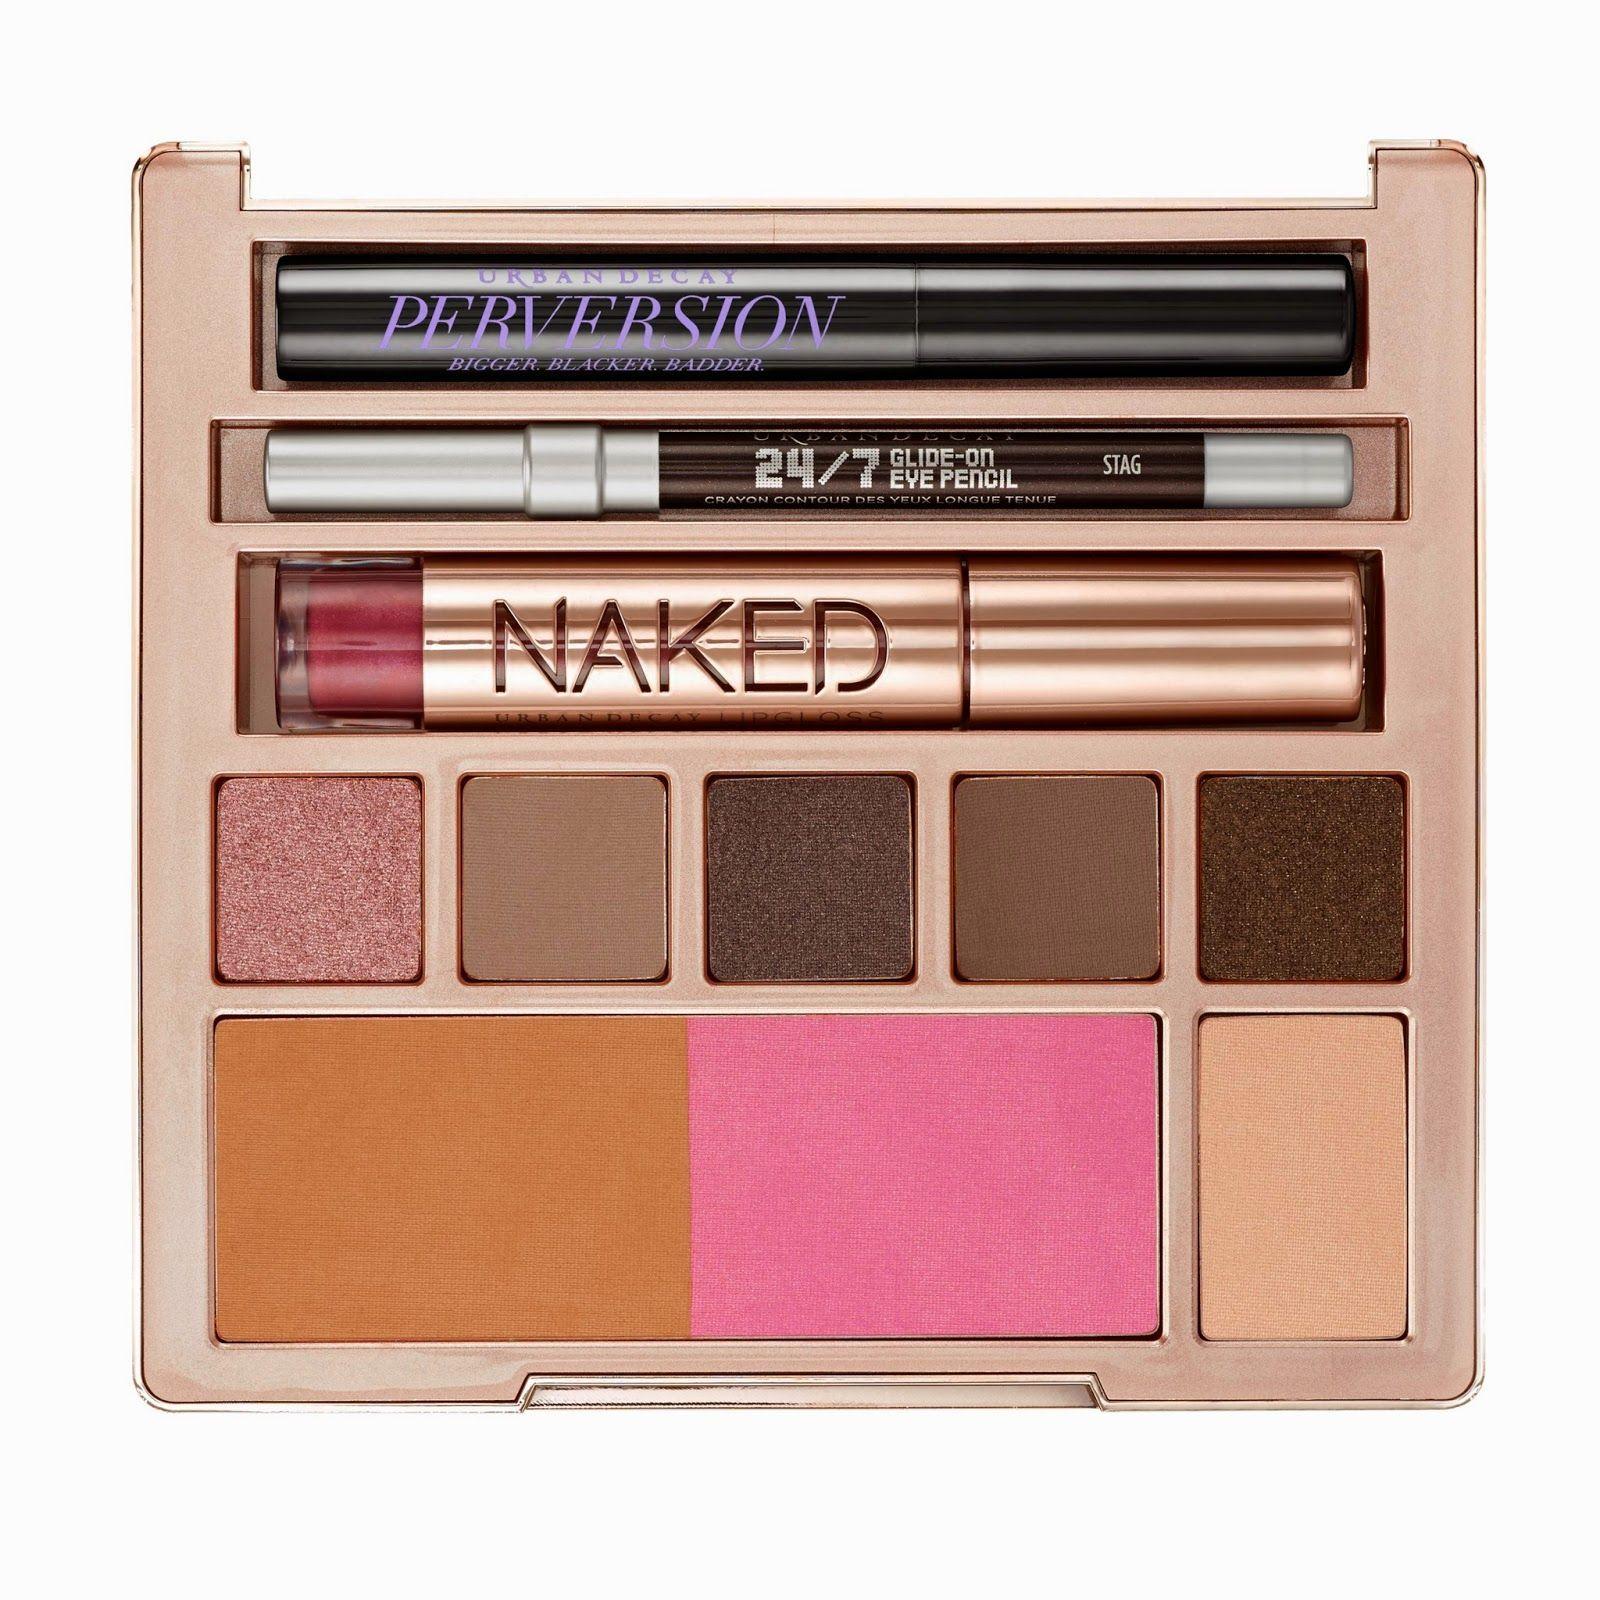 naked on the run, urban decay, edición limitada, todo en 1